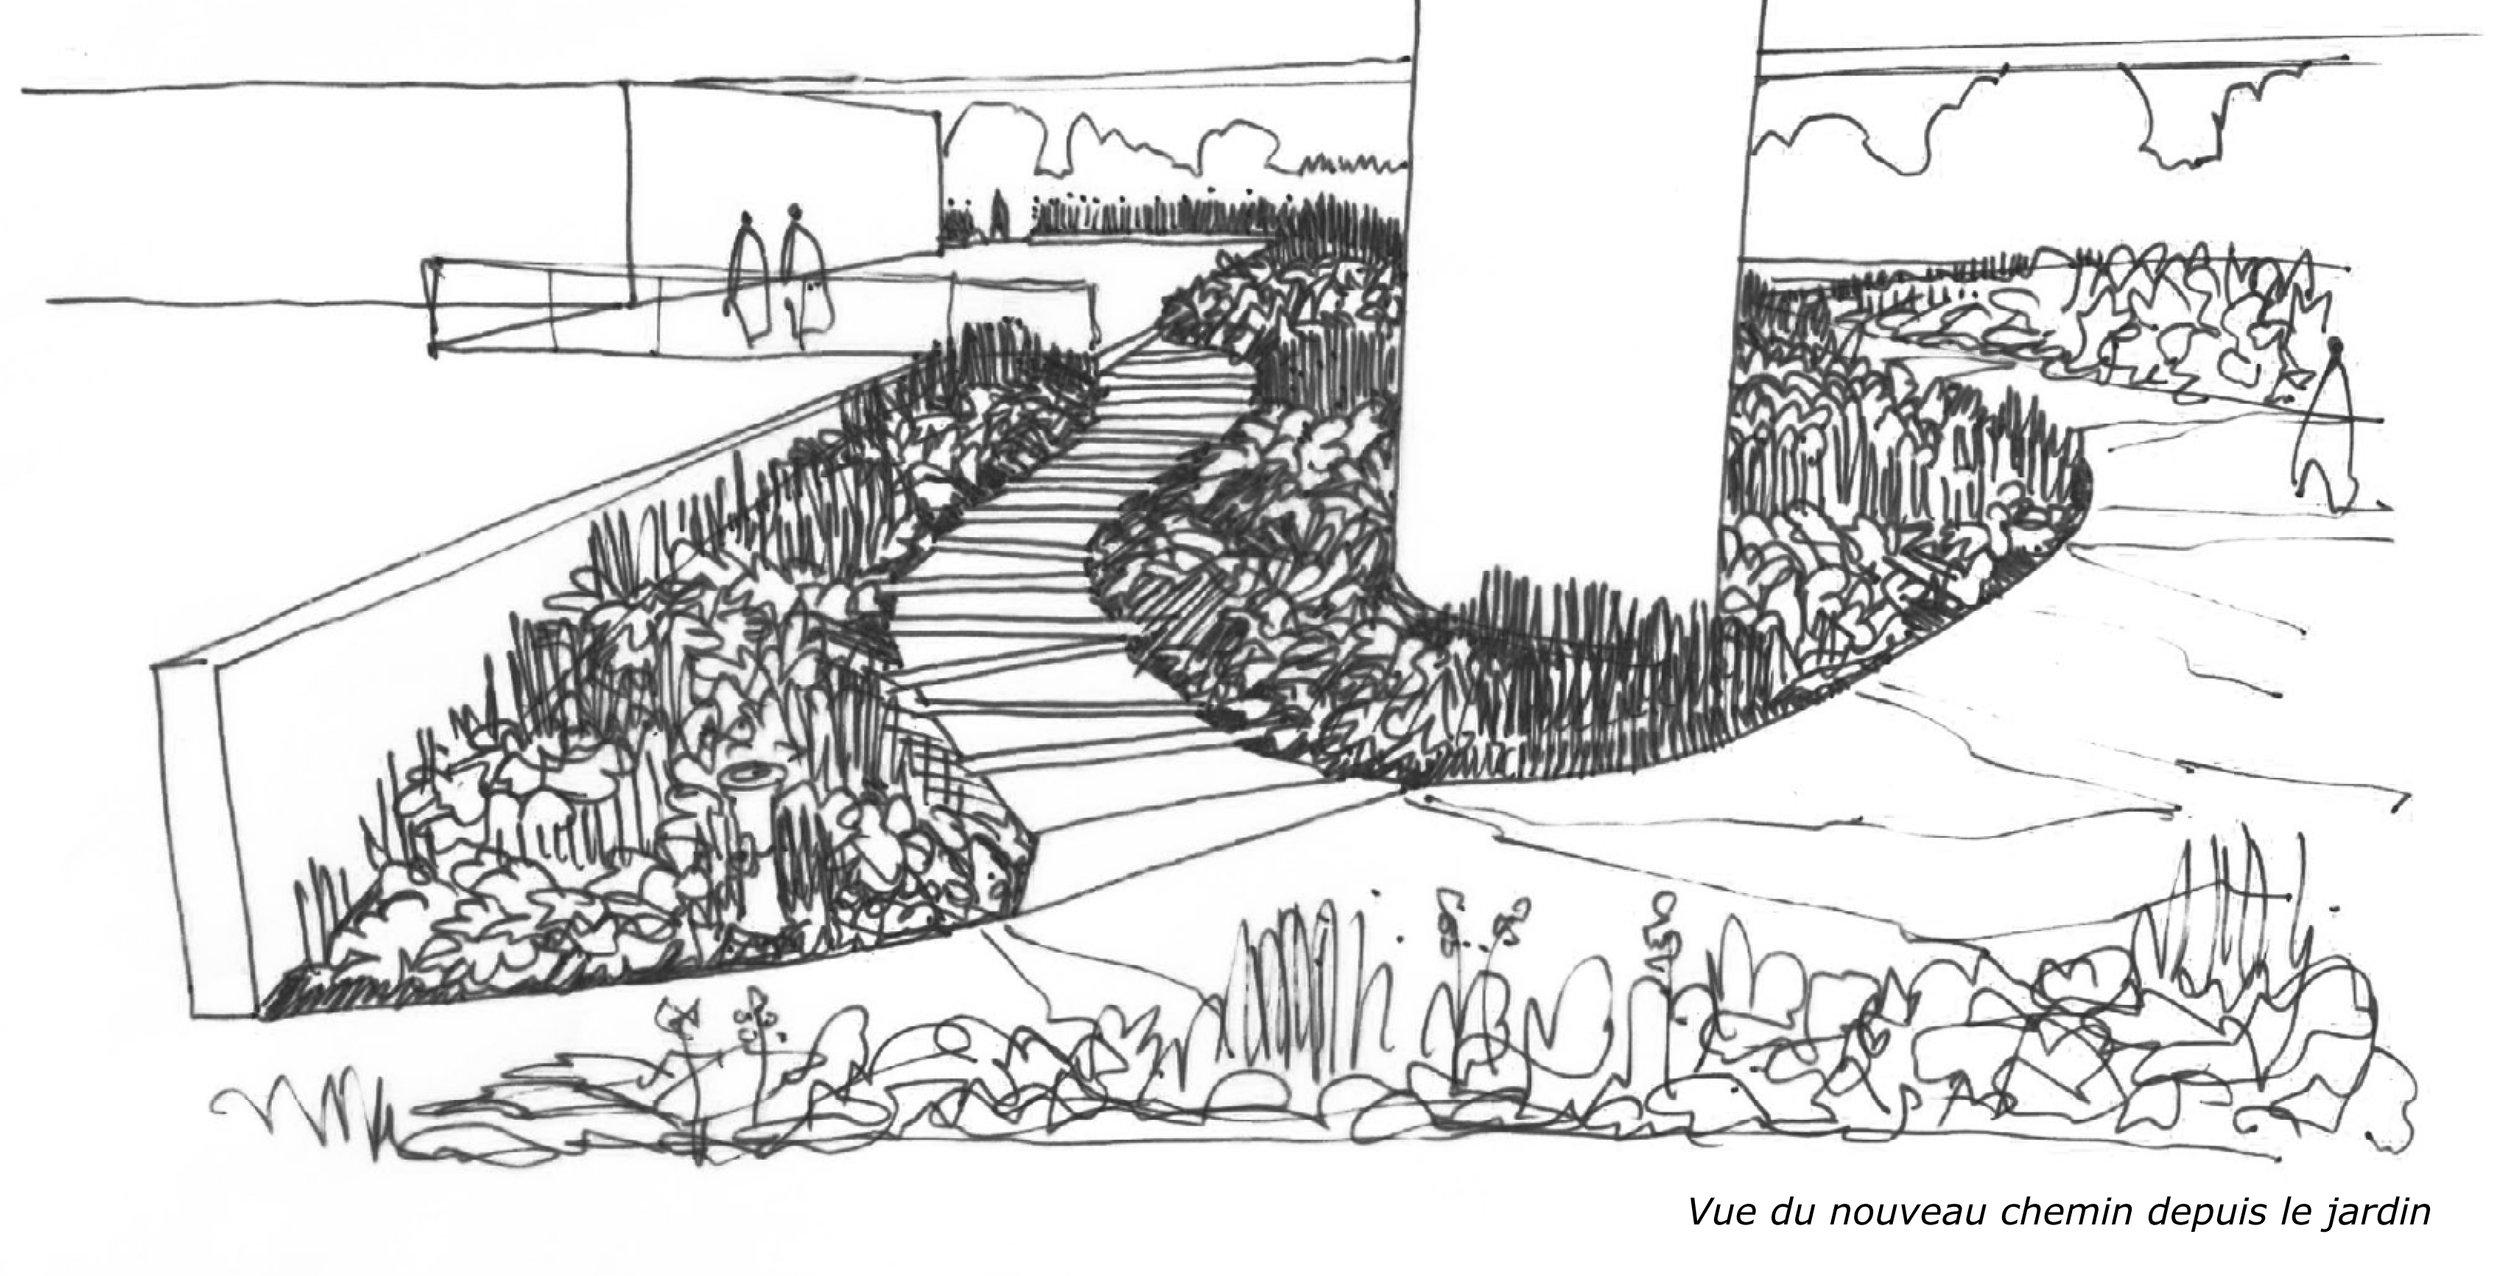 Jardin du Musée du quai Branly